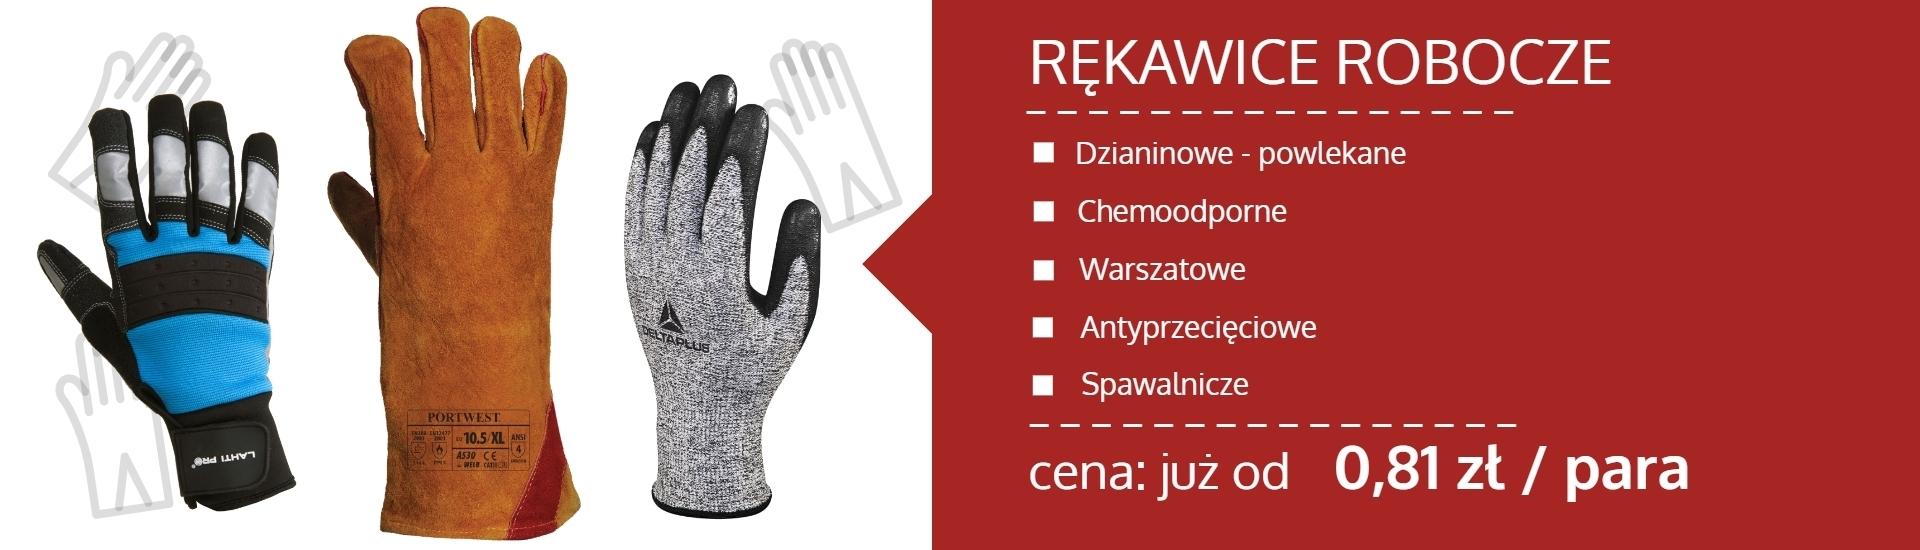 banner sklep bhp łochów internetowy odzież robocza rękawice robocze